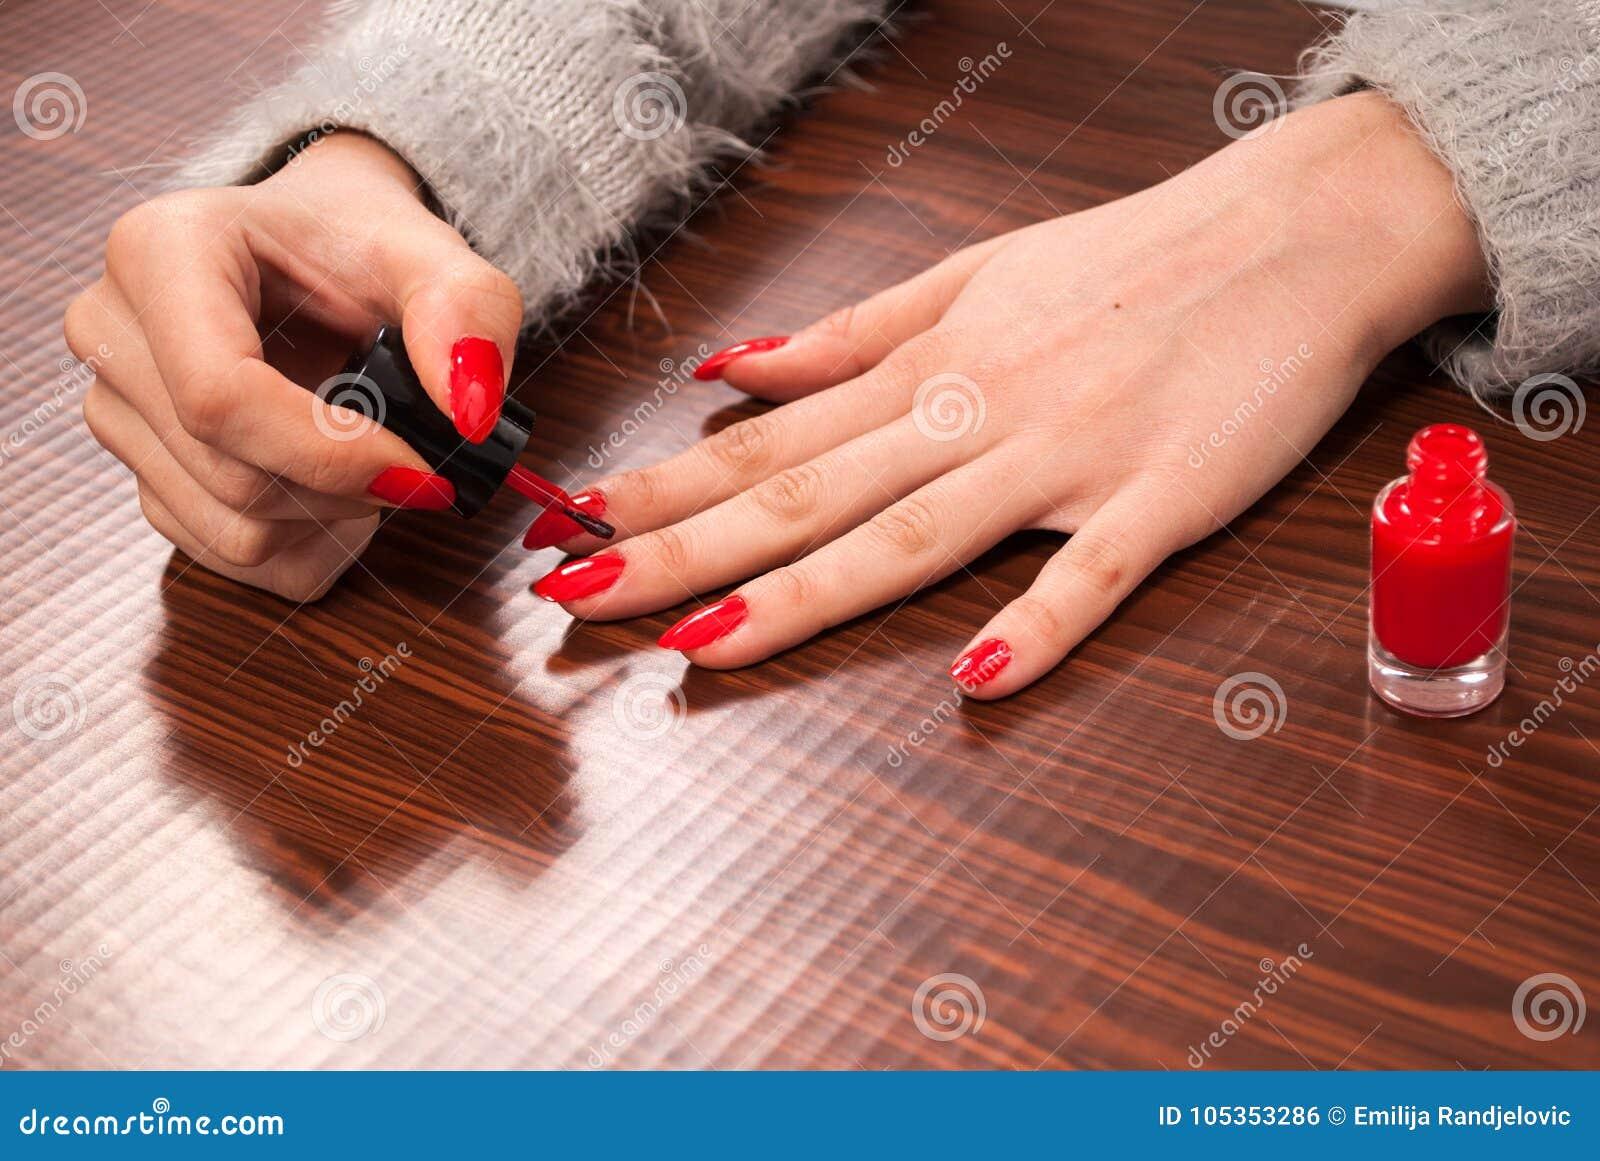 Houten Bureau Verven.Vrouw Die Haar Spijkers Op Vinger In Rode Kleur Op Houten Bureau